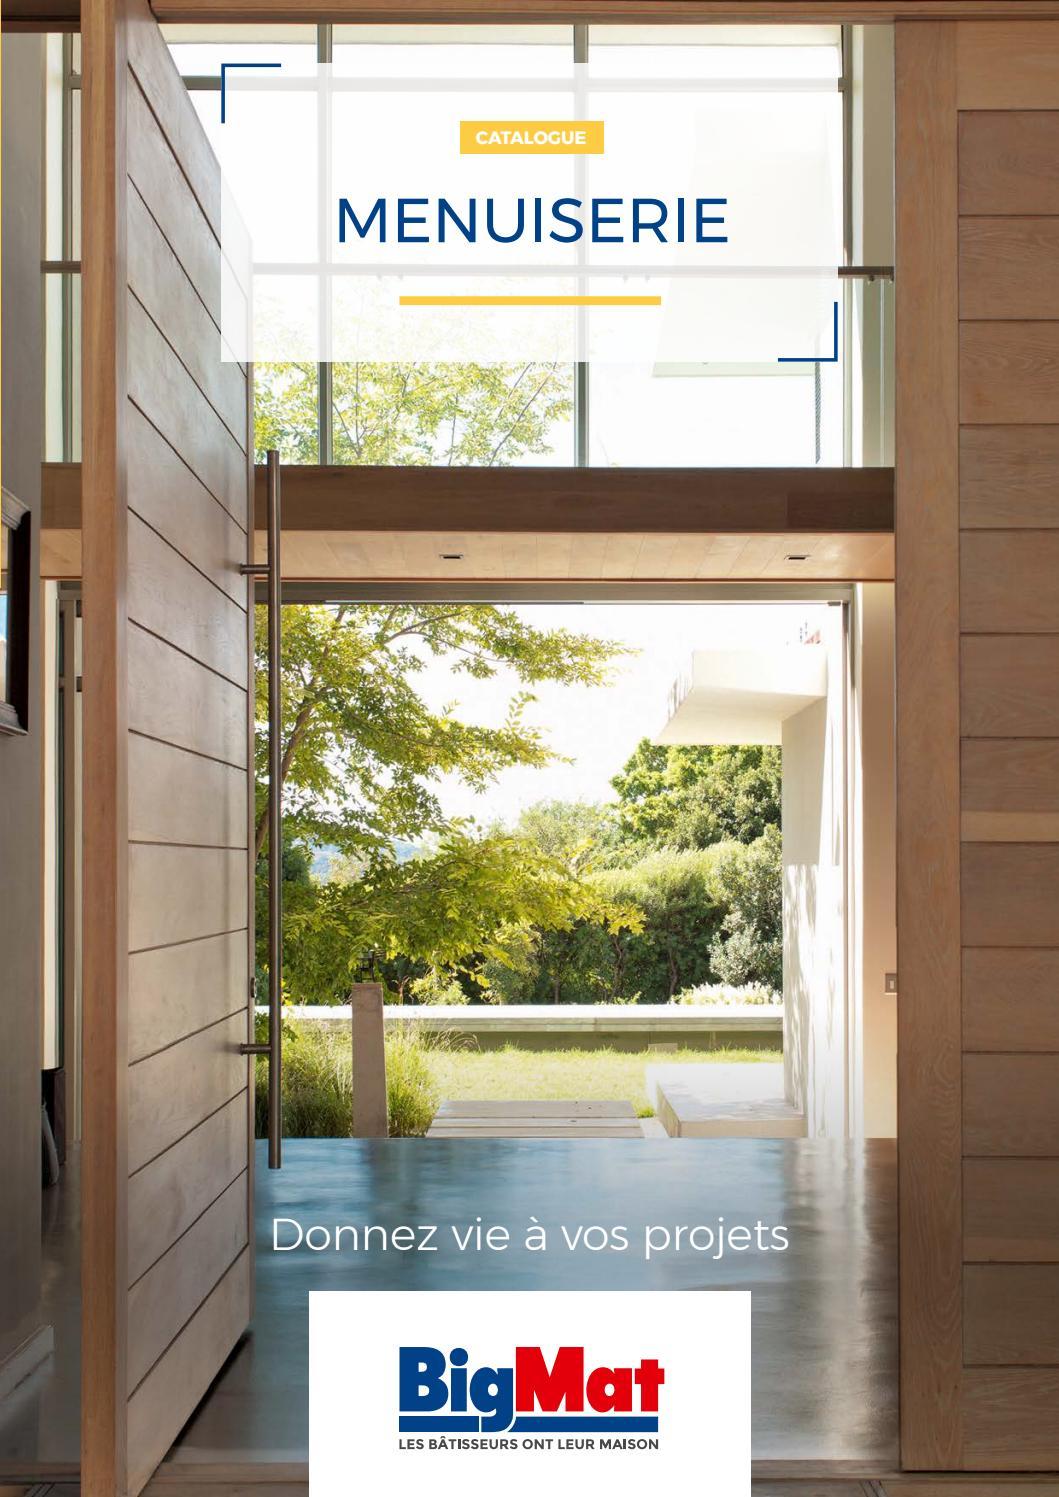 Sogal Traitement De Surface catalogue menuiserie bigmatbigmatfrance - issuu